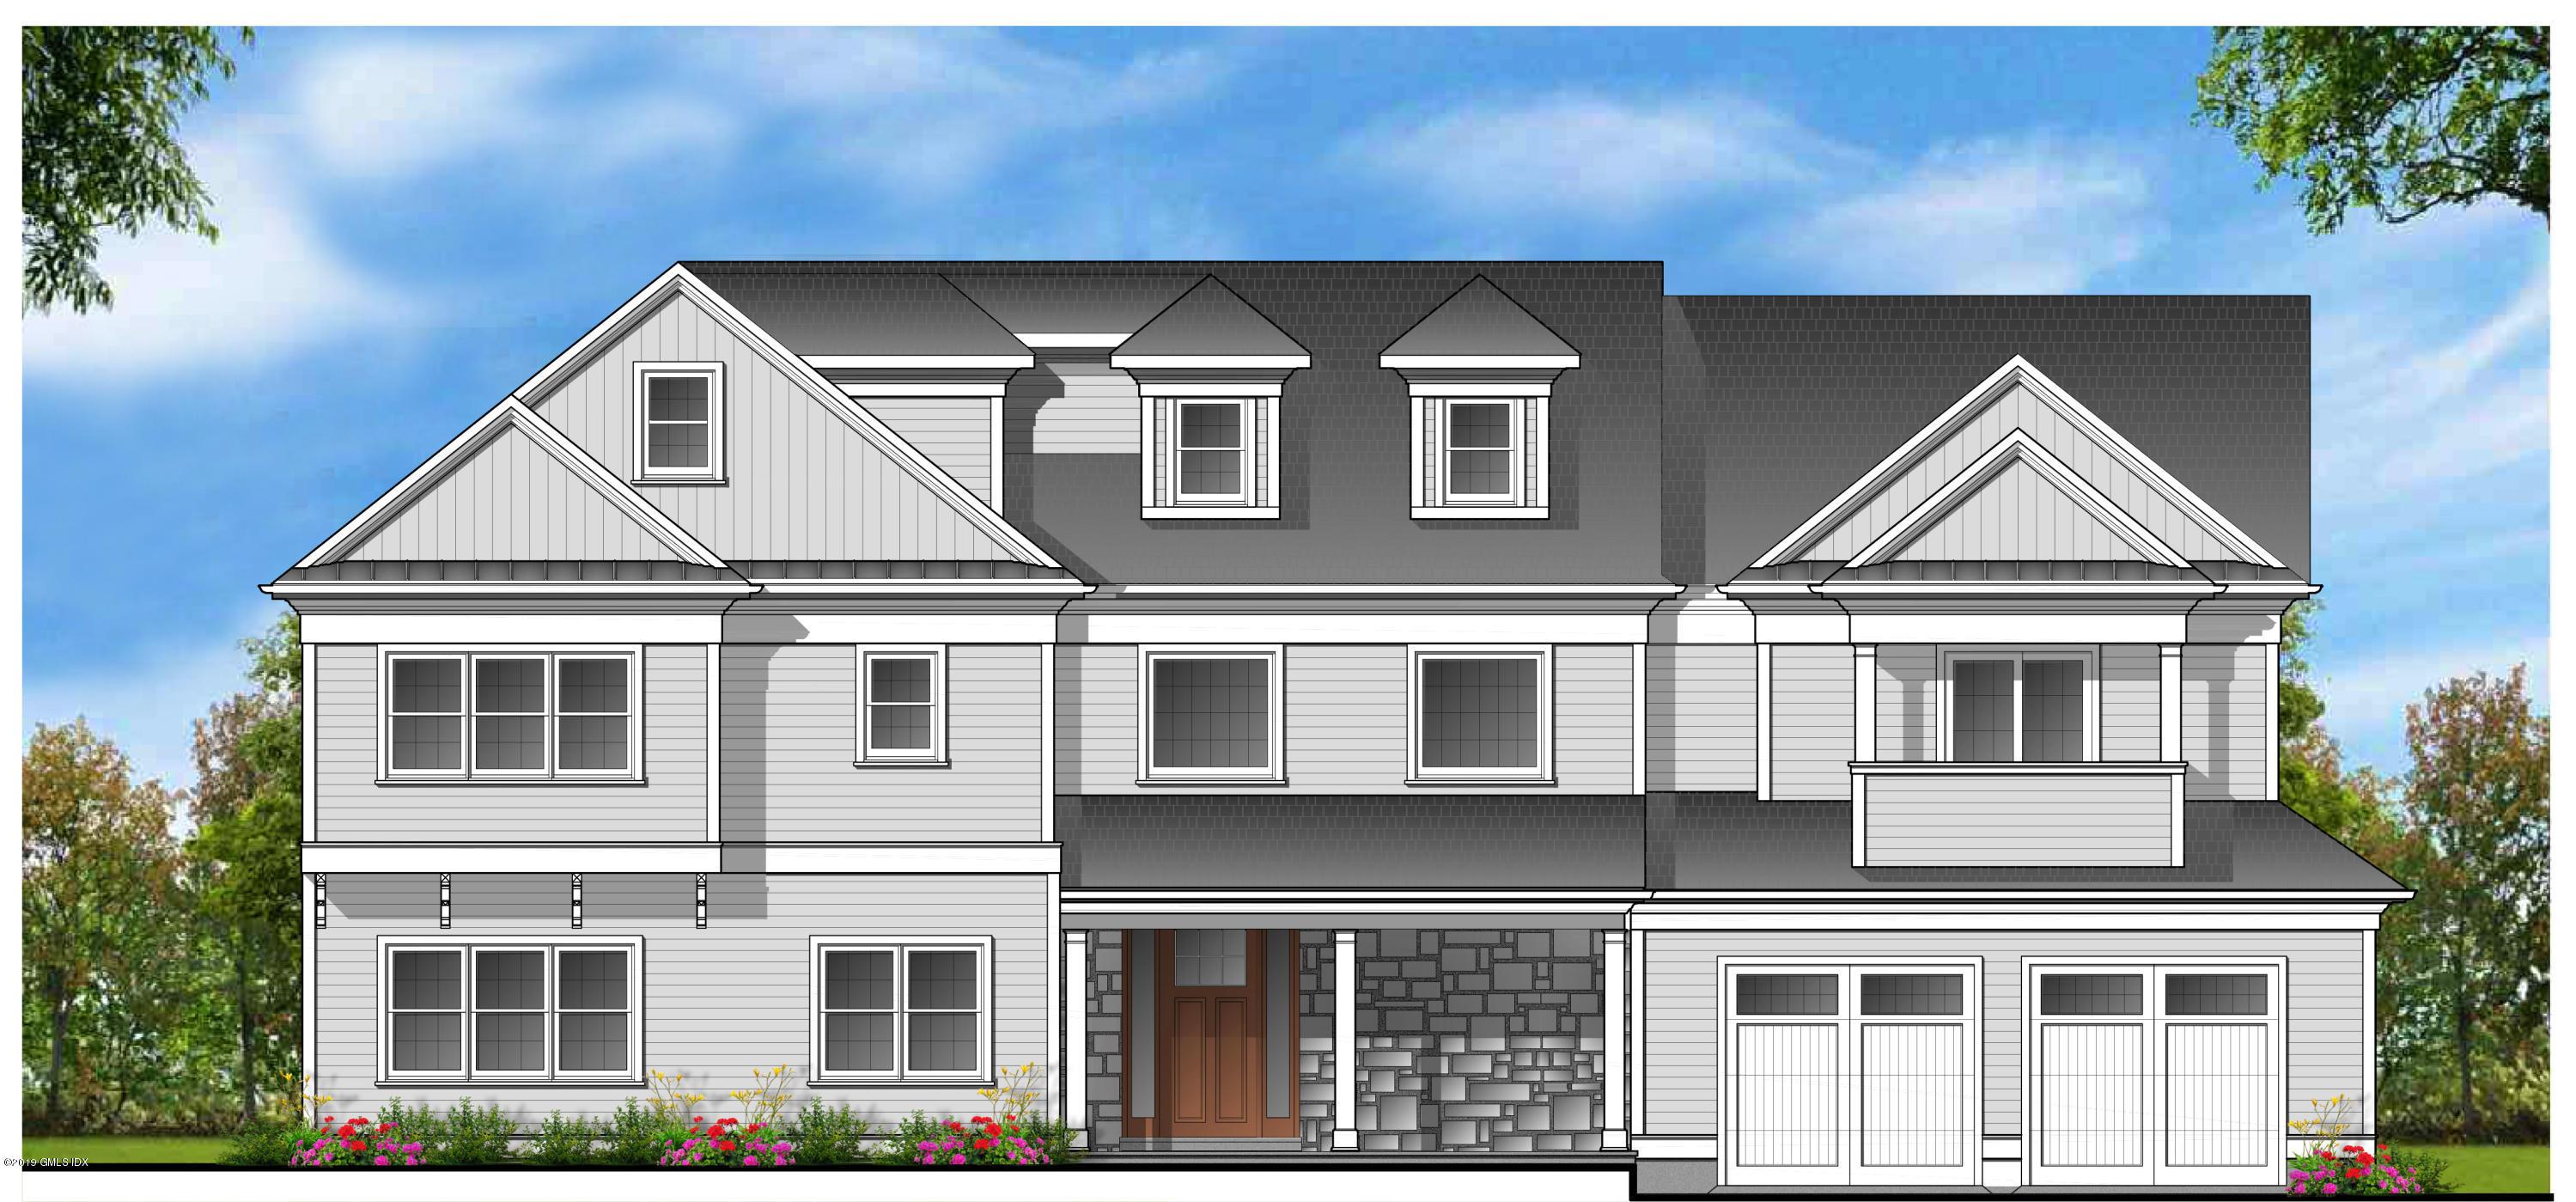 1 Widgeon Way,Greenwich,Connecticut 06830,5 Bedrooms Bedrooms,5 BathroomsBathrooms,Single family,Widgeon,105862